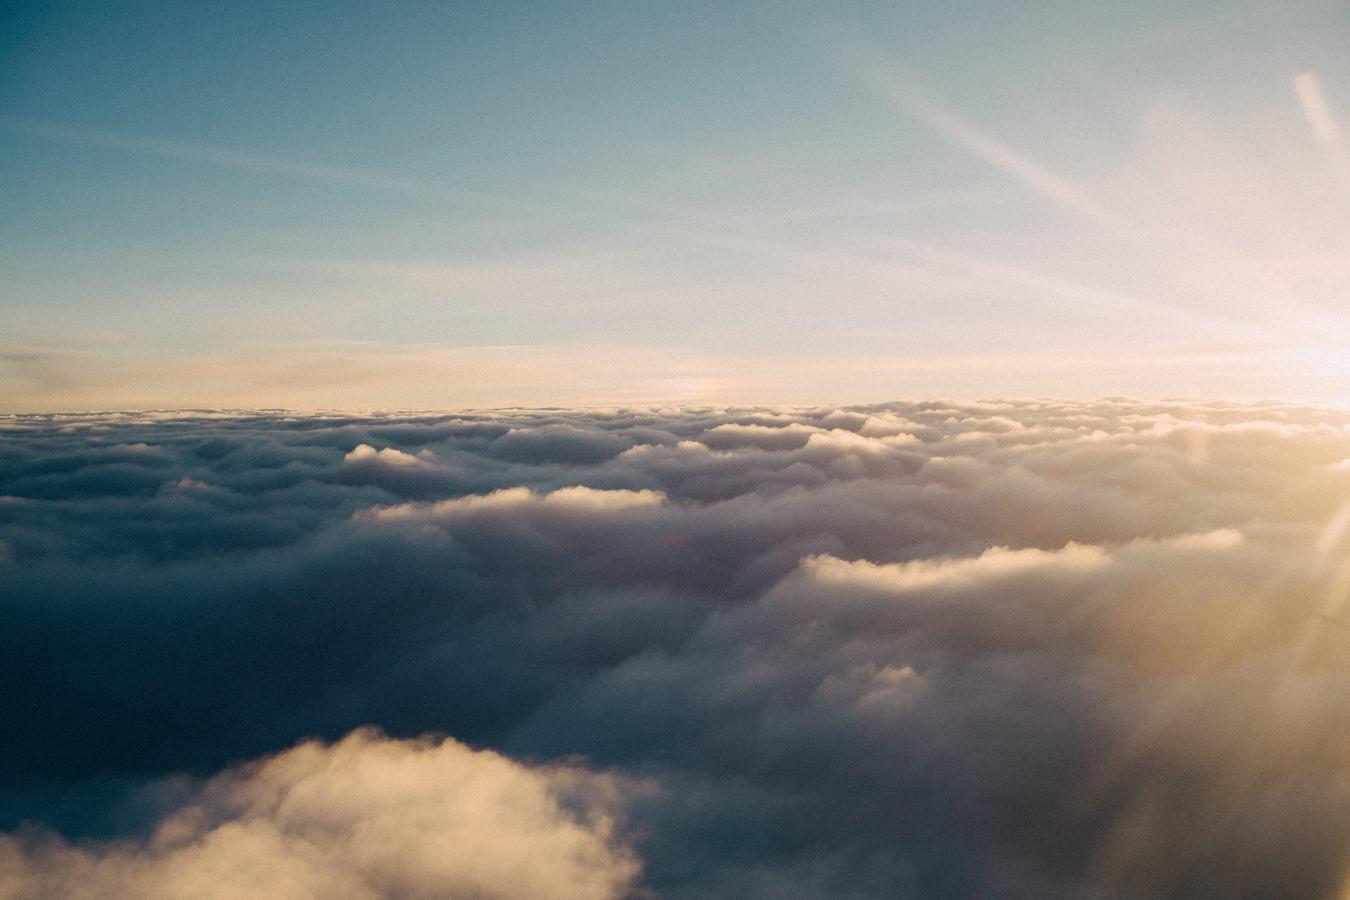 PNAS: облака ускоряют процессы глобального потепления на Земле